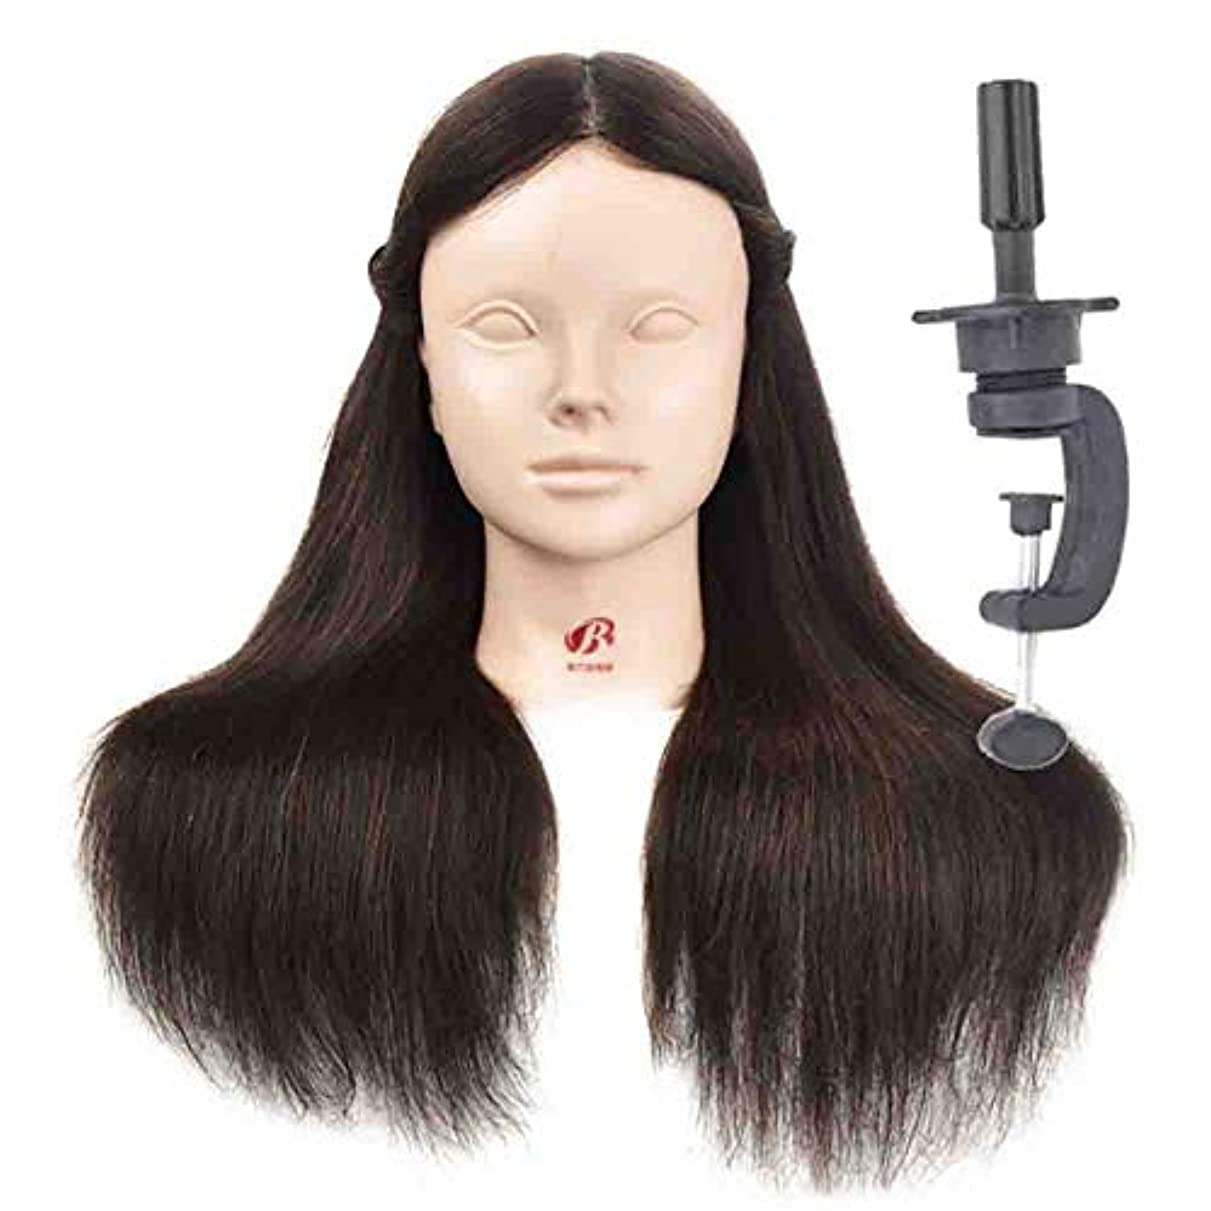 必要パーツ写真を撮るMakeup Modeling Learning Dummy Head Real Human Hair Practice Head Model Hair Salon Model Head Can be Hot Dyed